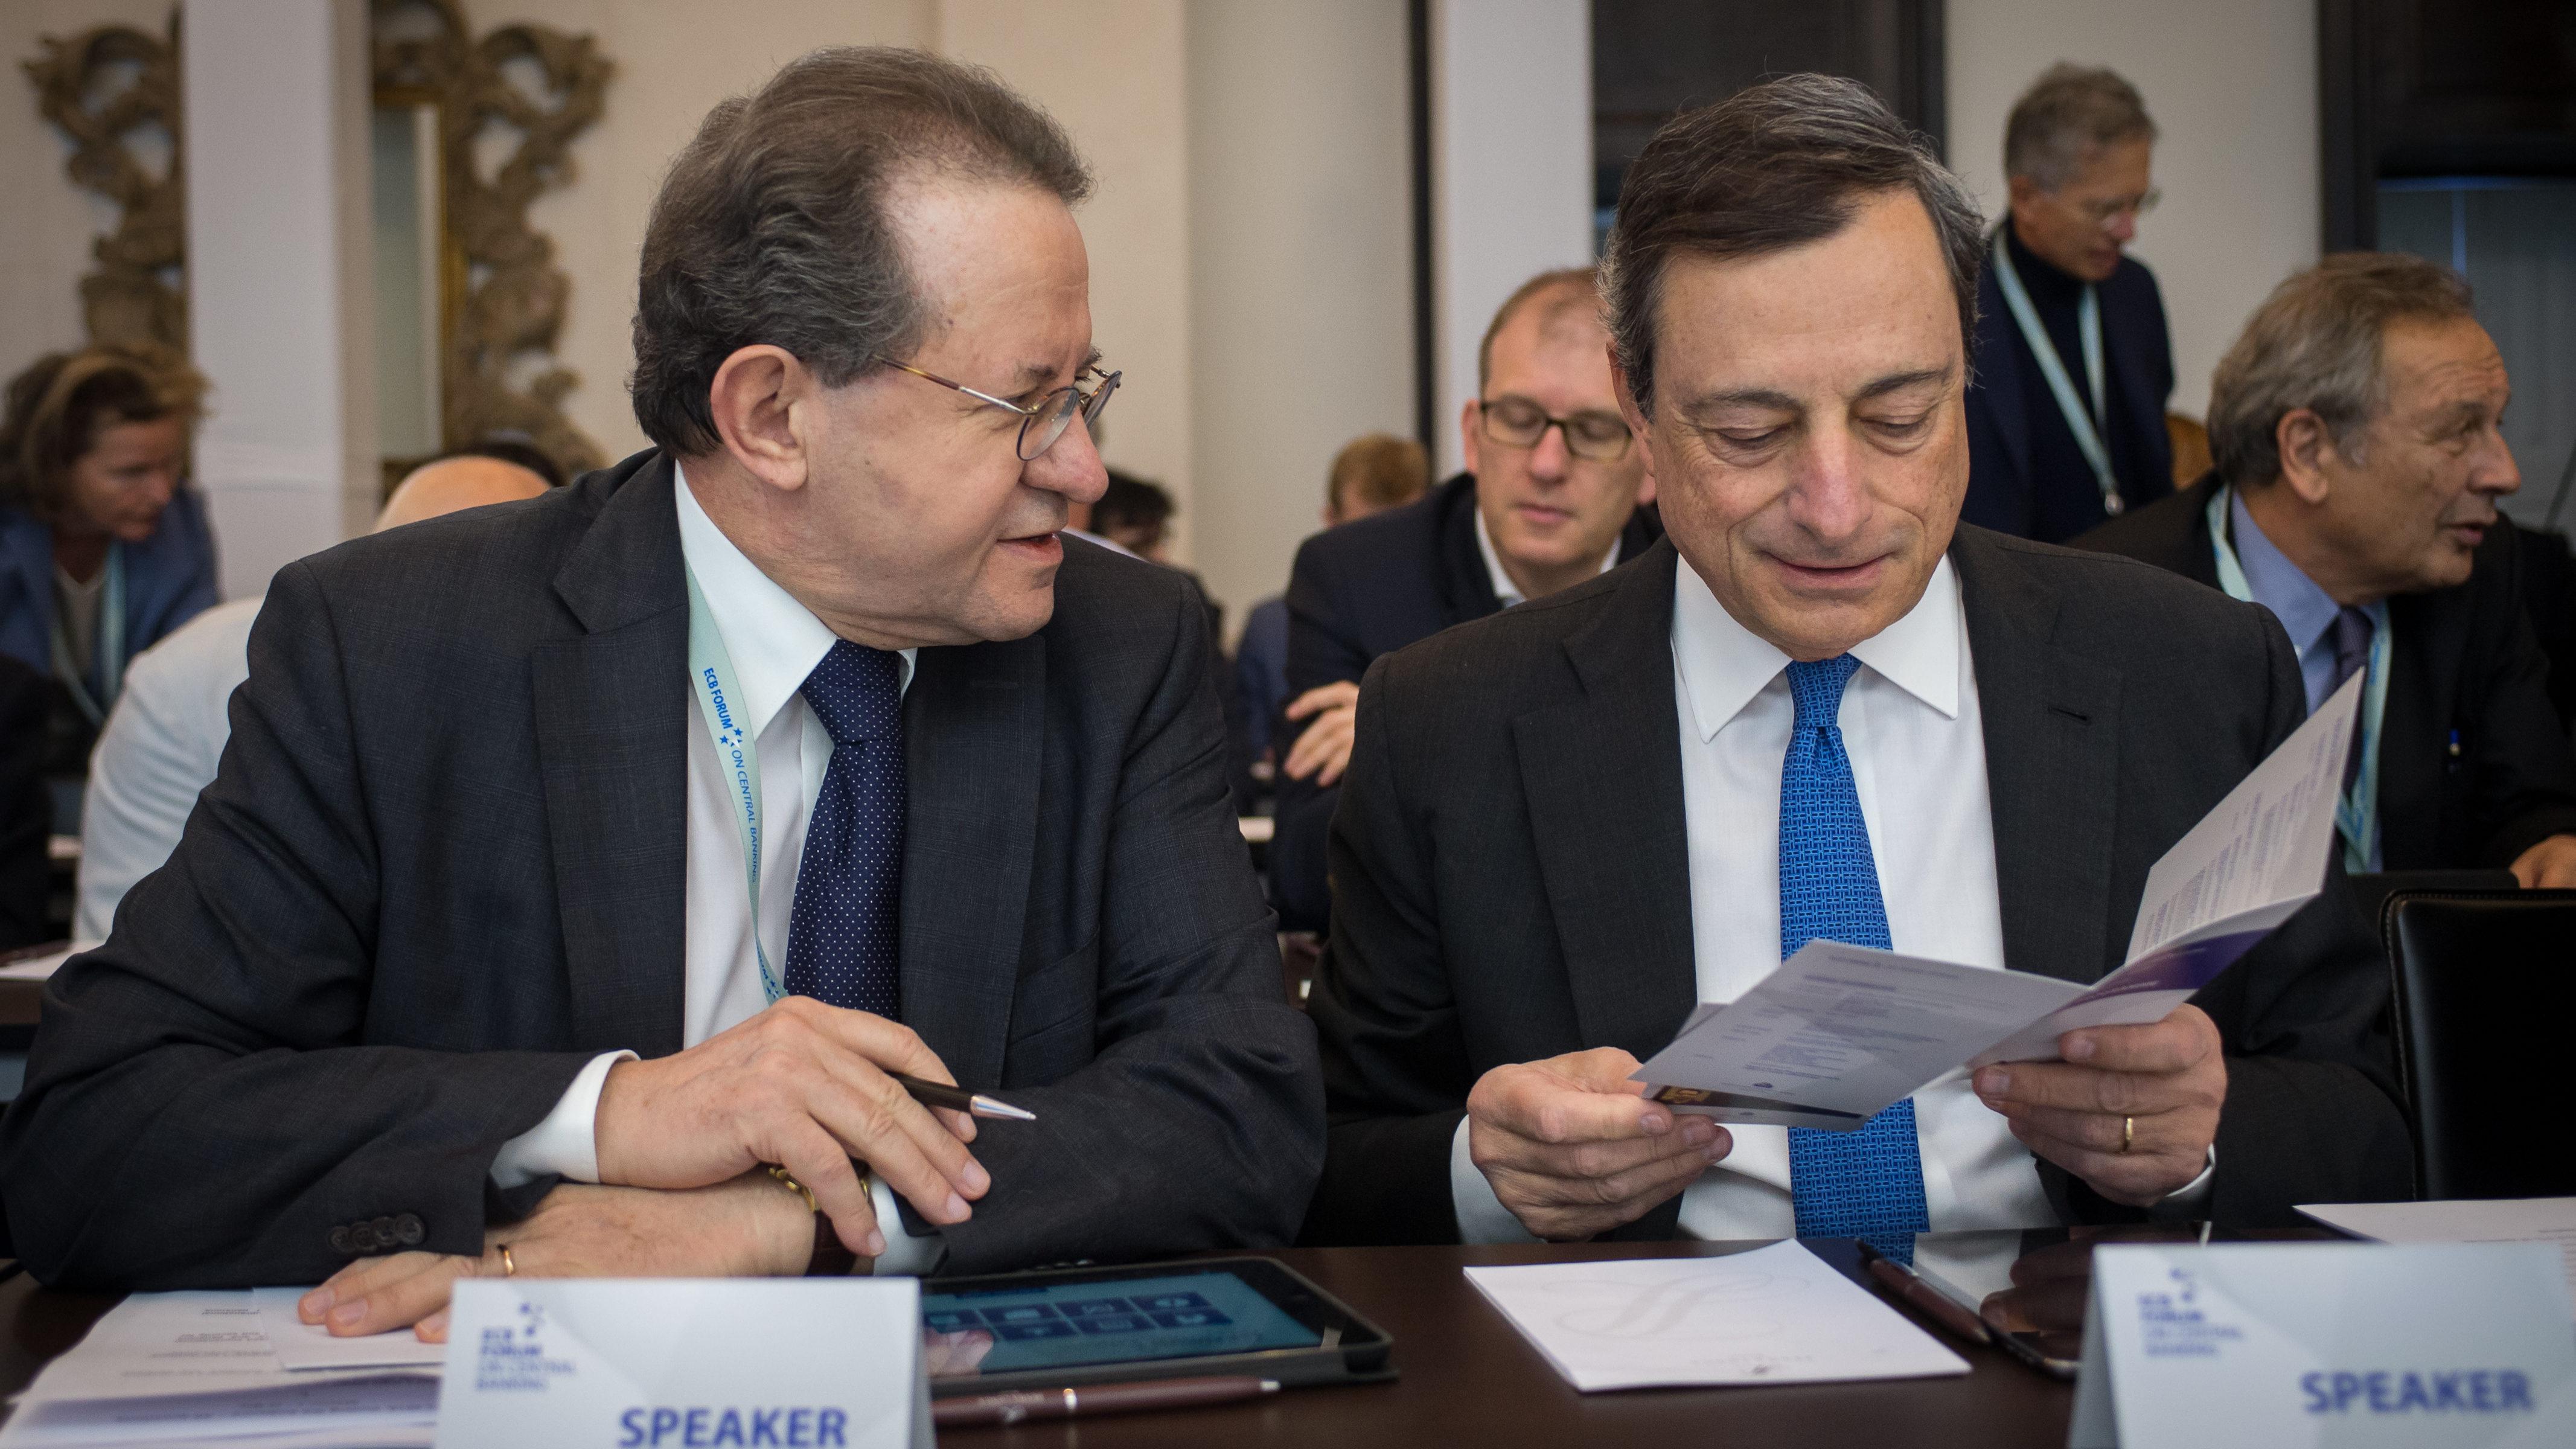 Banqueiros centrais reúnem-se segunda-feira em Sintra. Investimento e crescimento na agenda